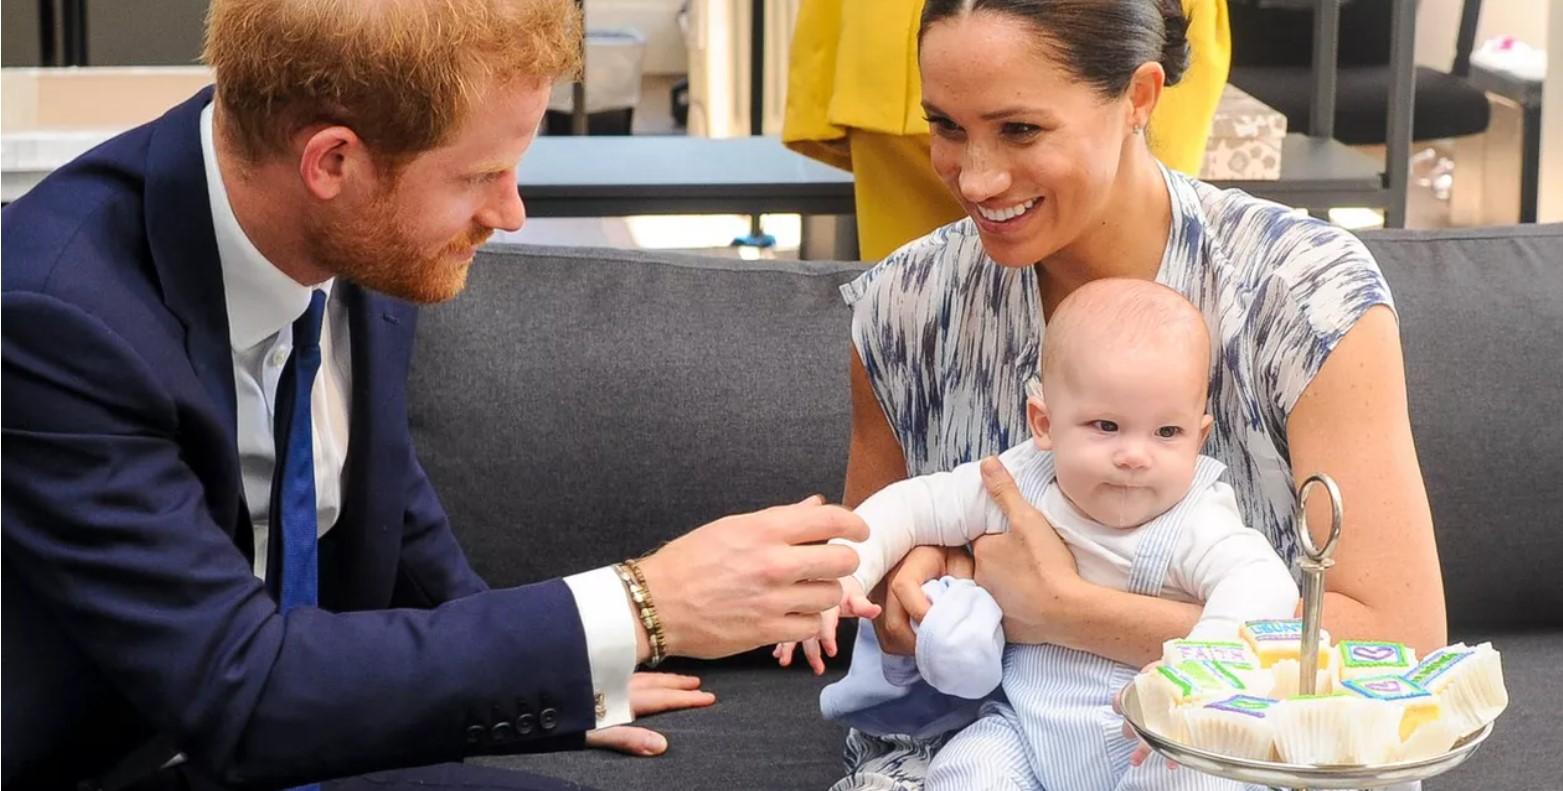 Primele imagini cu Meghan Markle și Archie după înmormântarea prințului Philip. Ce mare s-a făcut fiul lui Harry